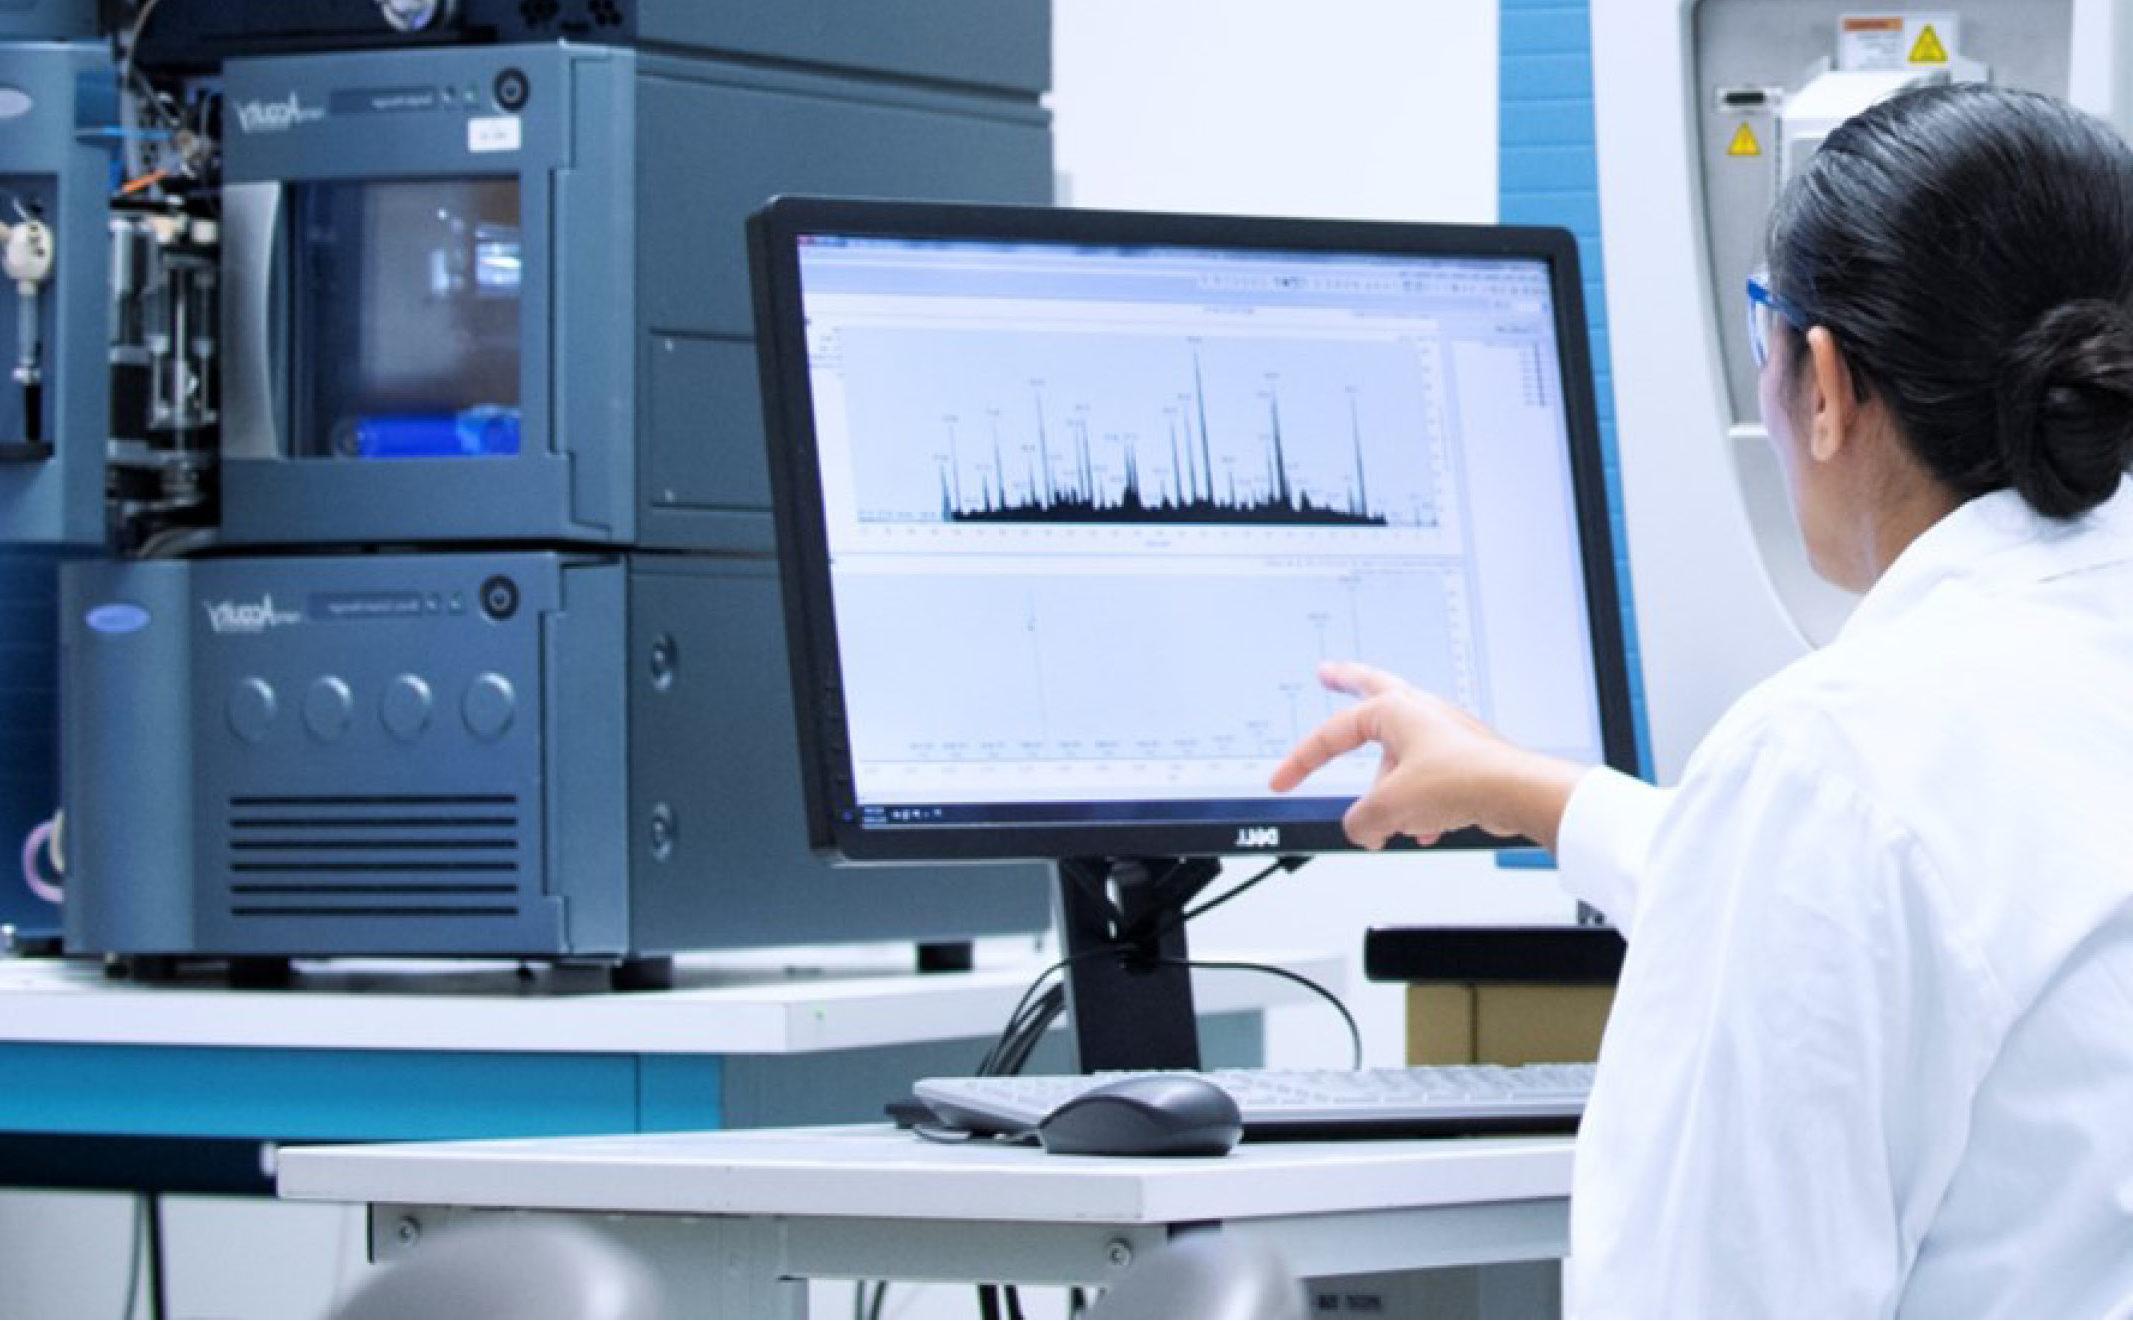 Biomarqueurs cliniquement pertinents dans les tissus fixés (FFIP)